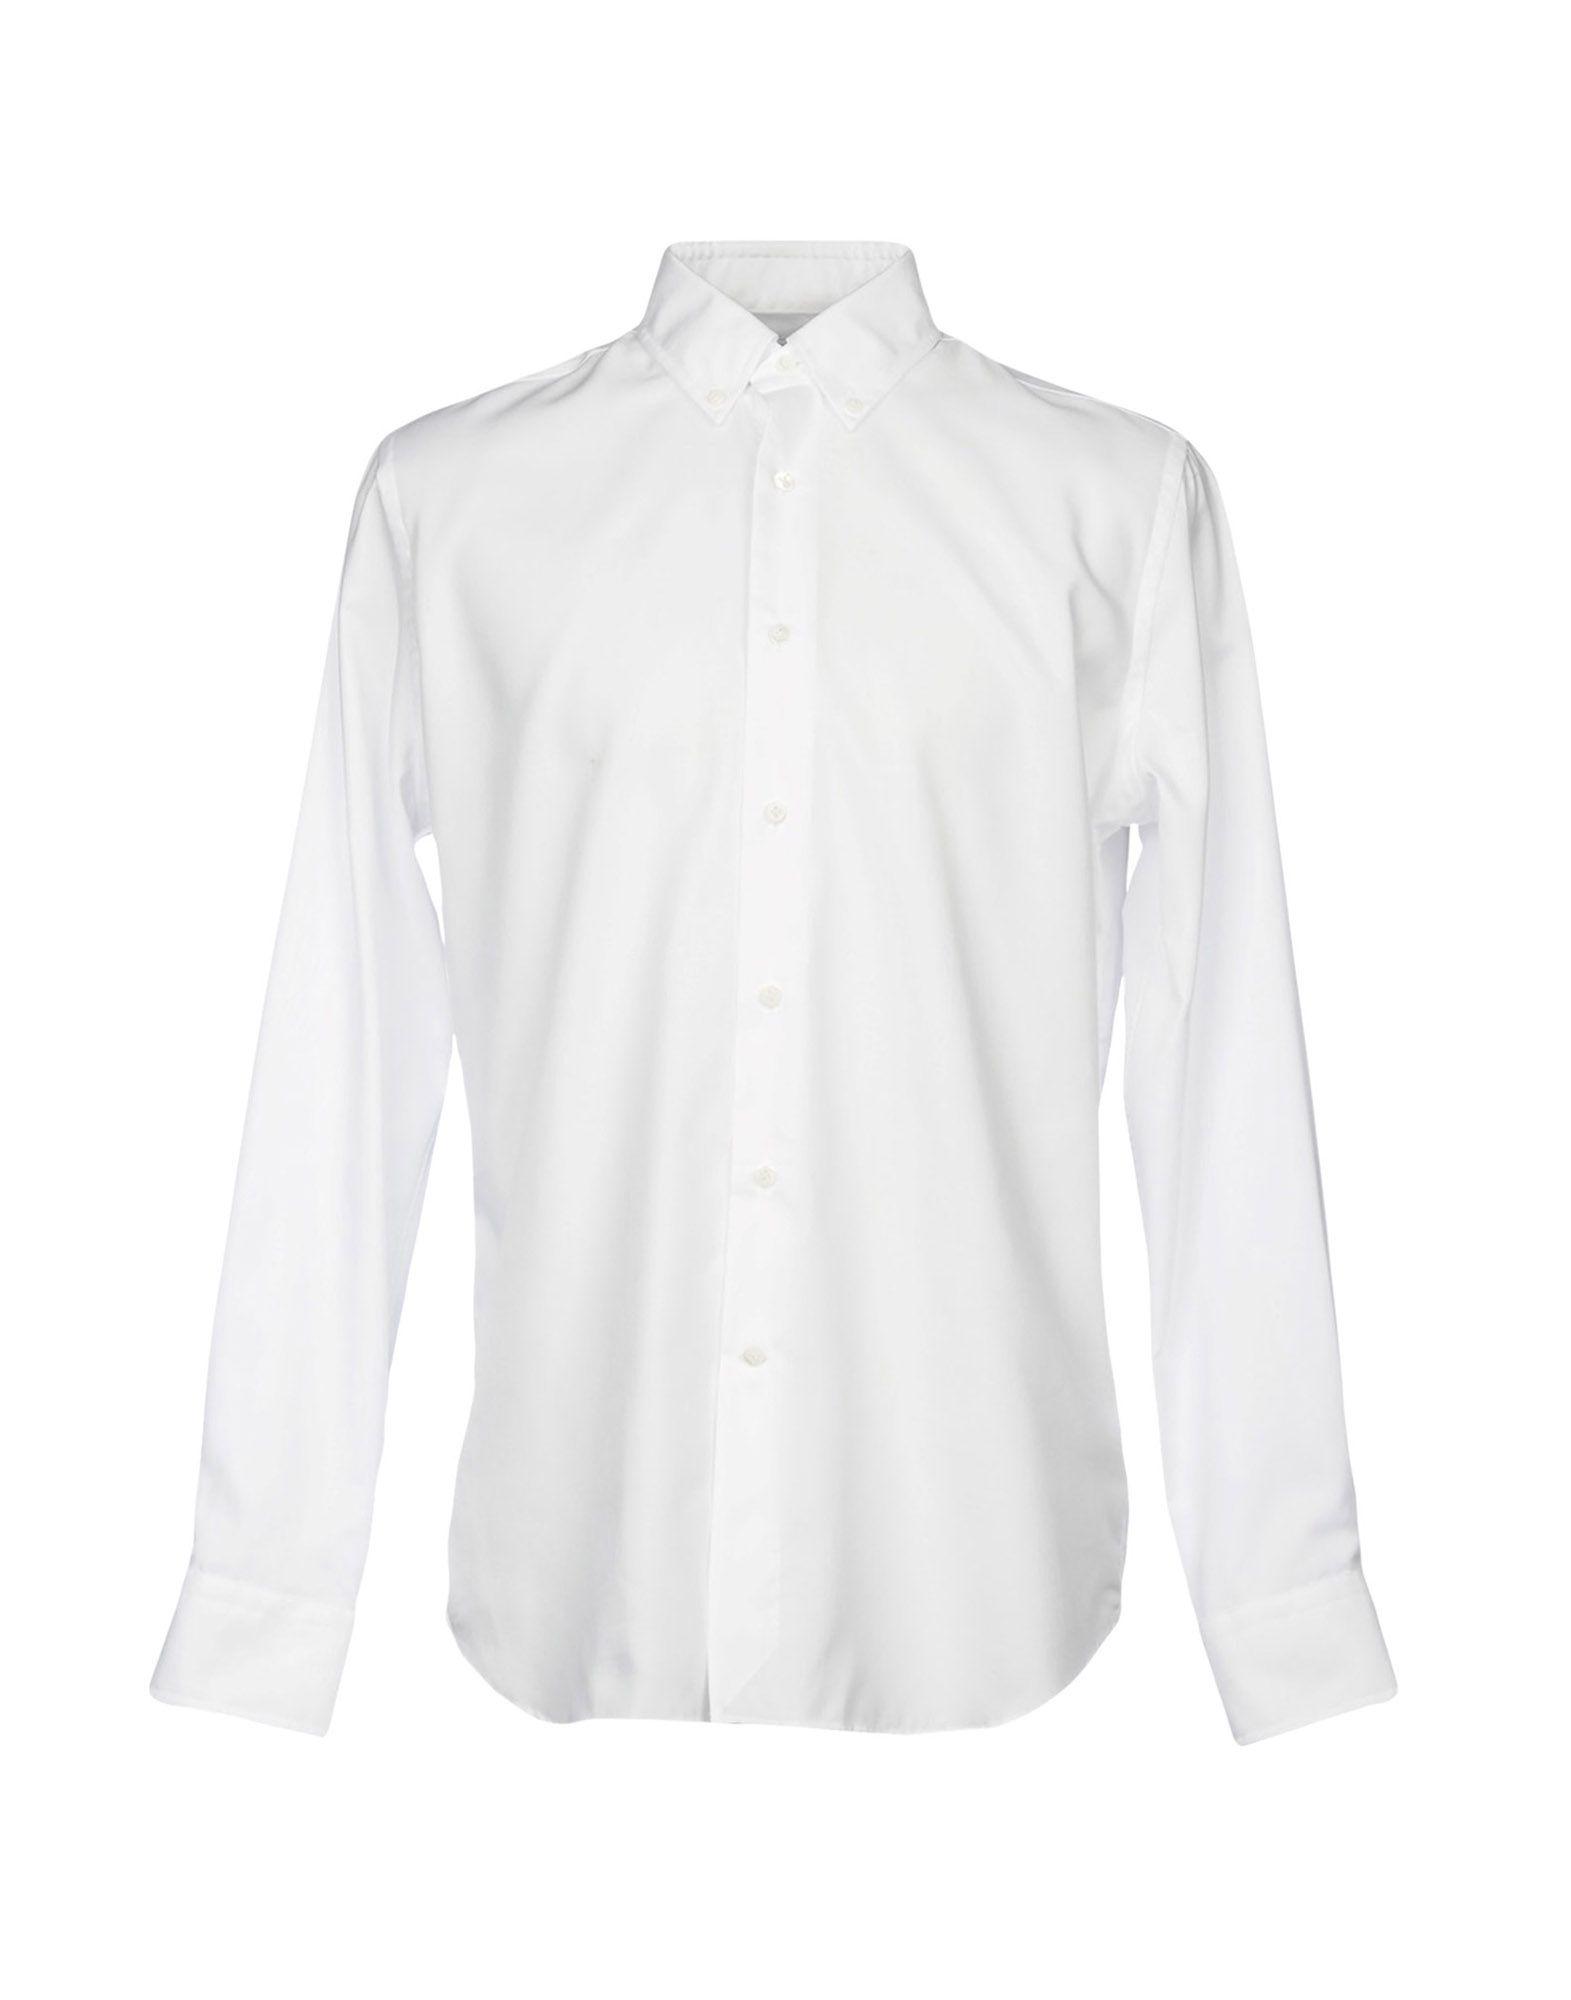 BAGUTTA メンズ シャツ ホワイト 44 コットン 100%